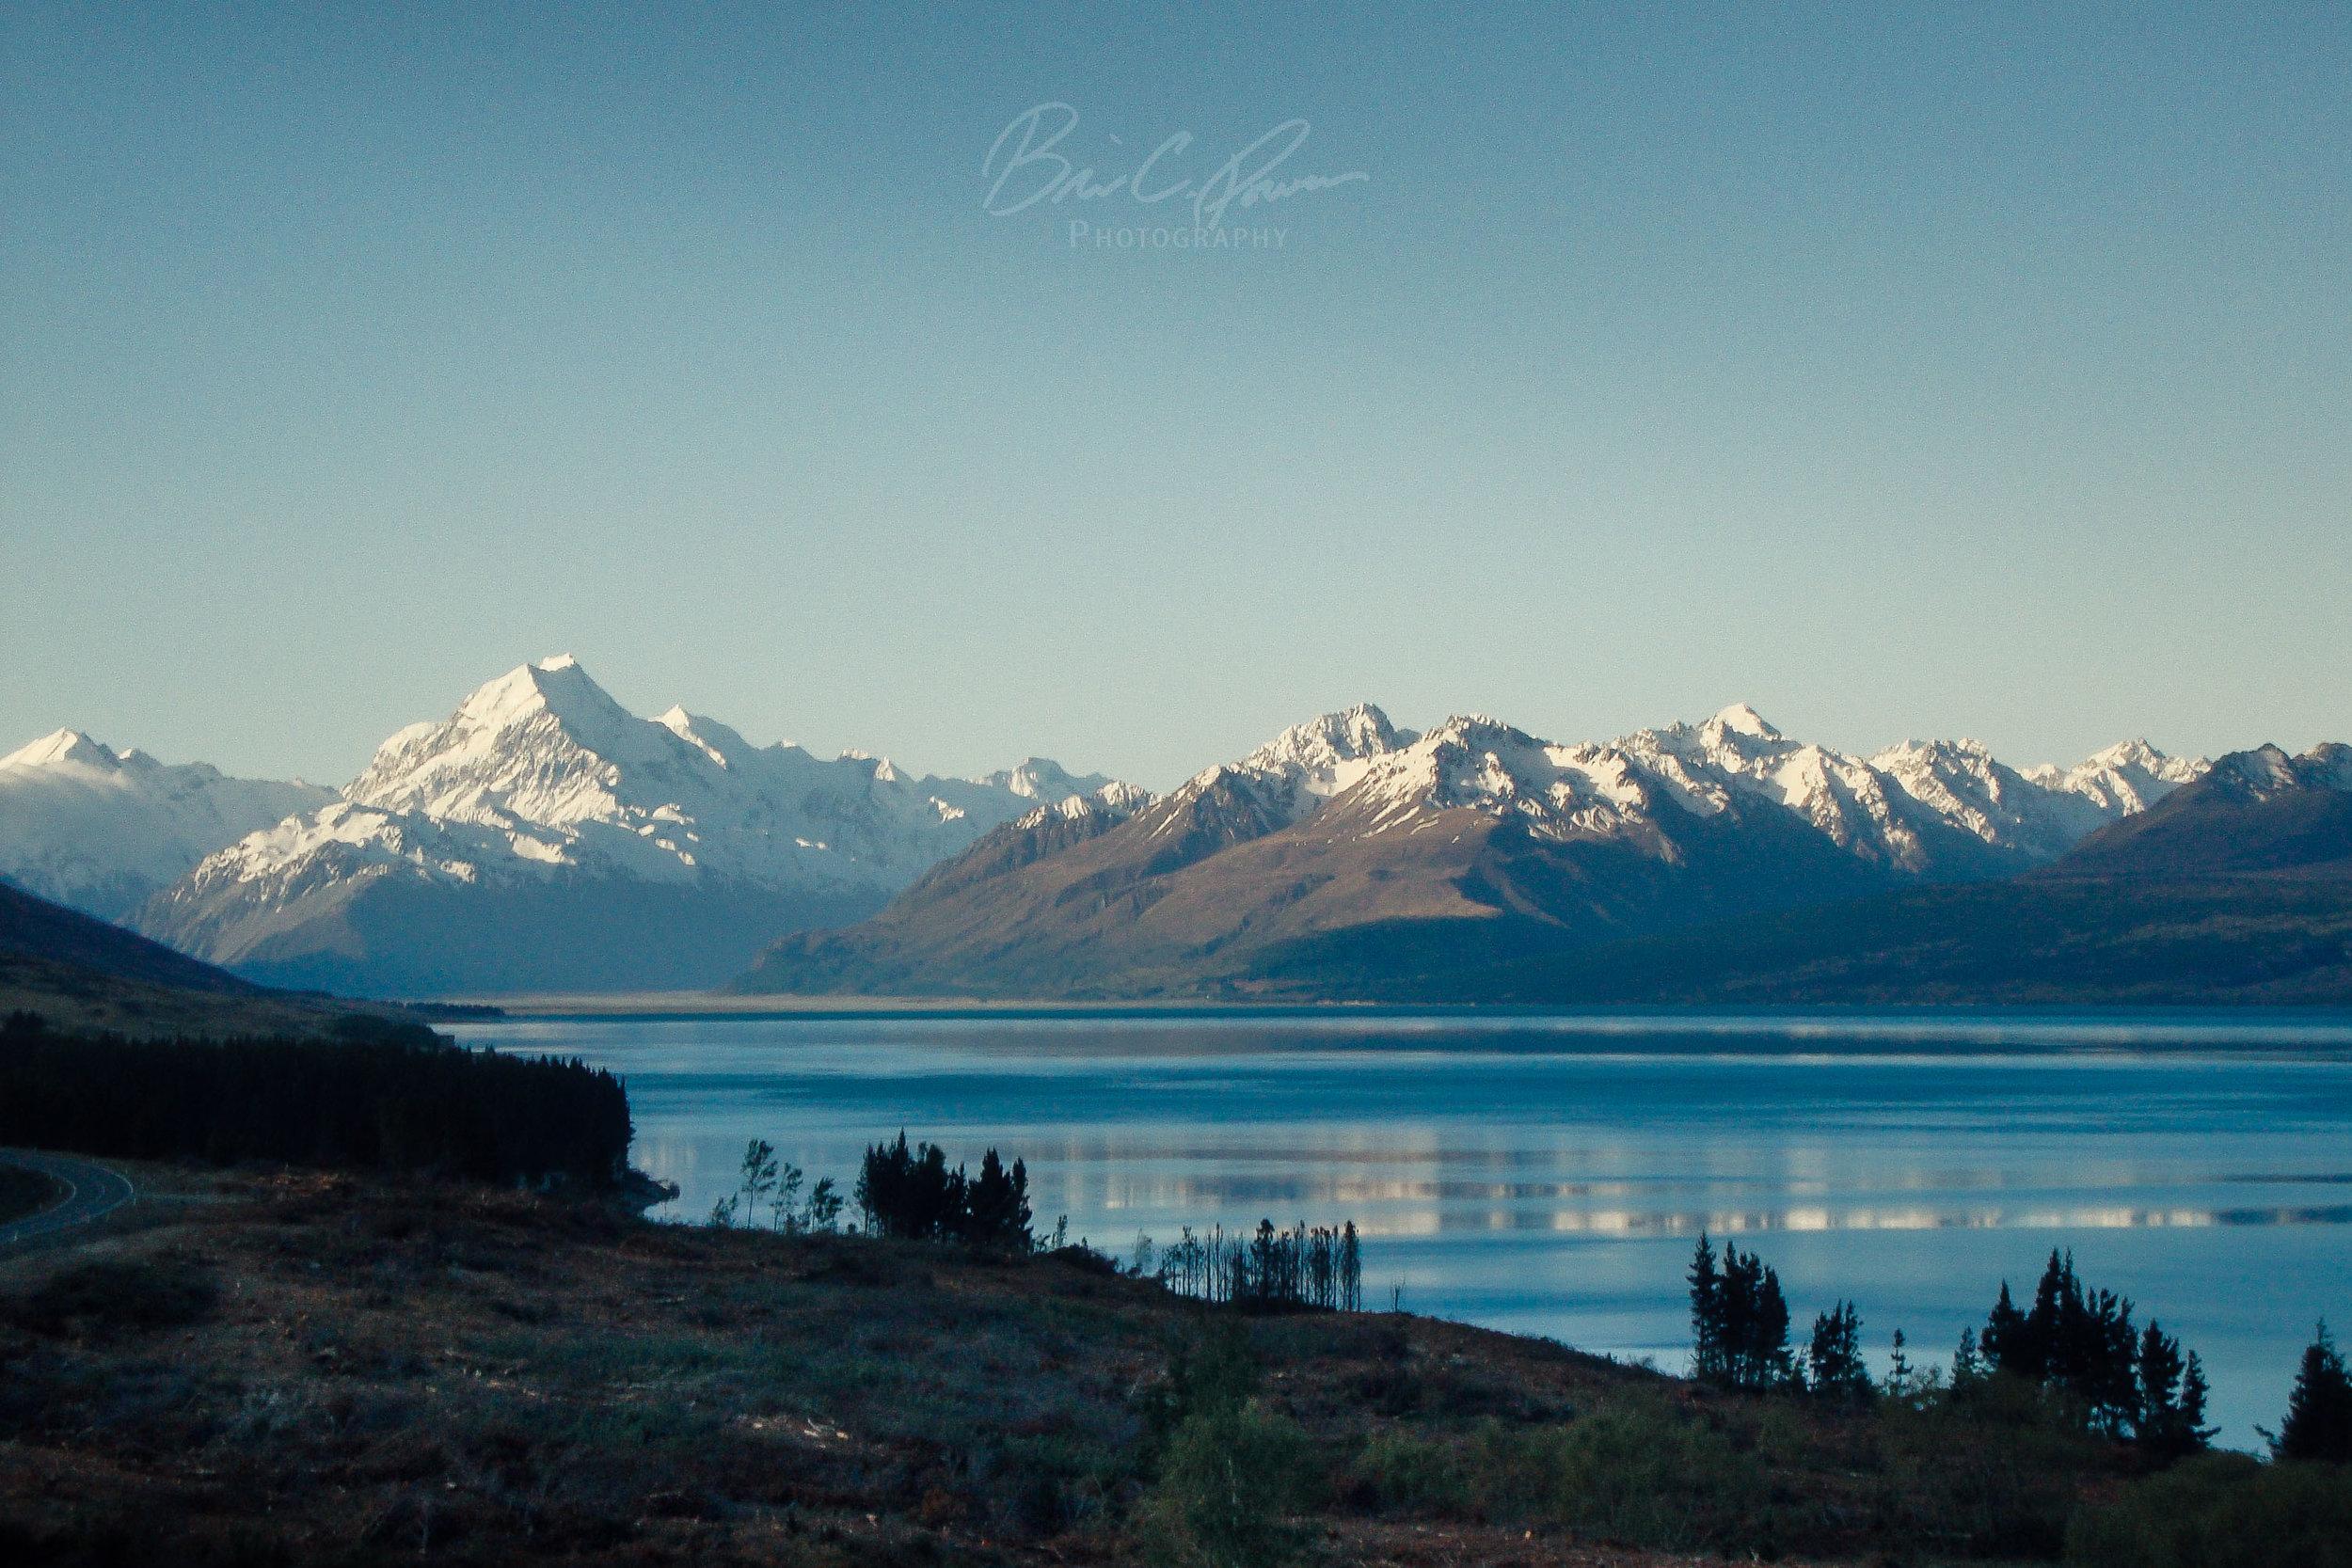 Mt. Cook at sundown across Lake Pukaki.